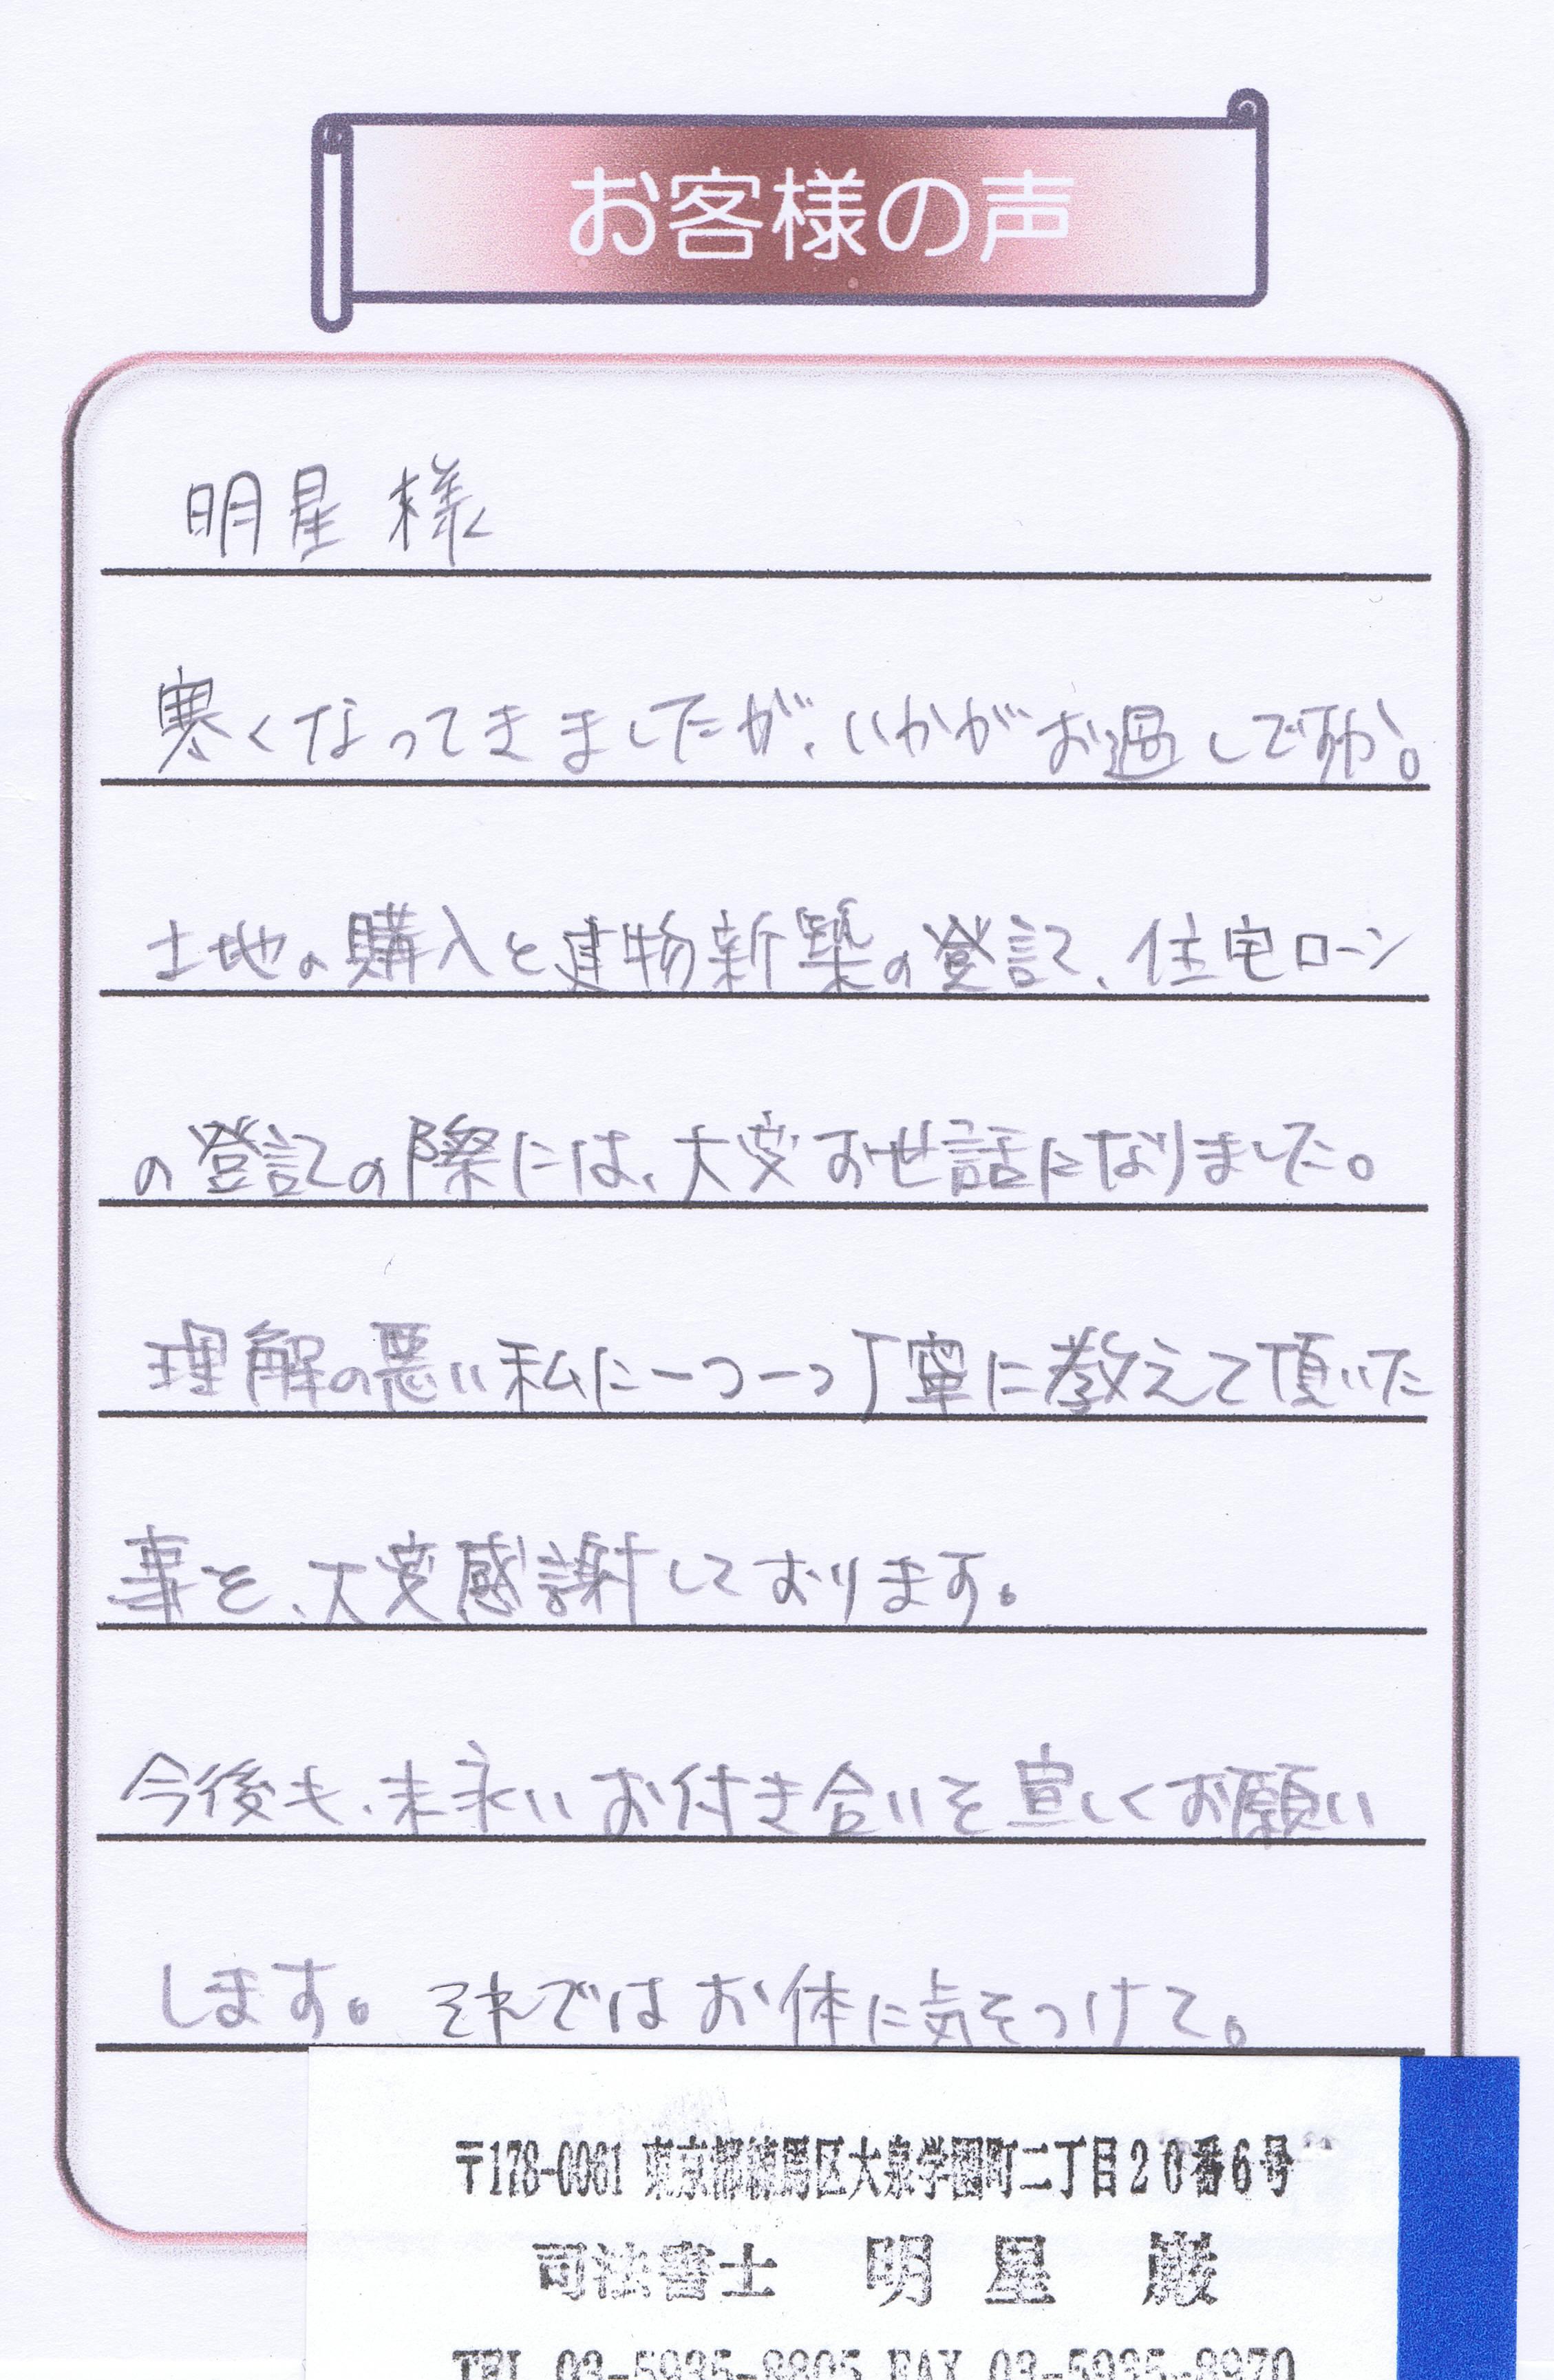 お客さま(不動産登記・練馬区30代女性)アンケート